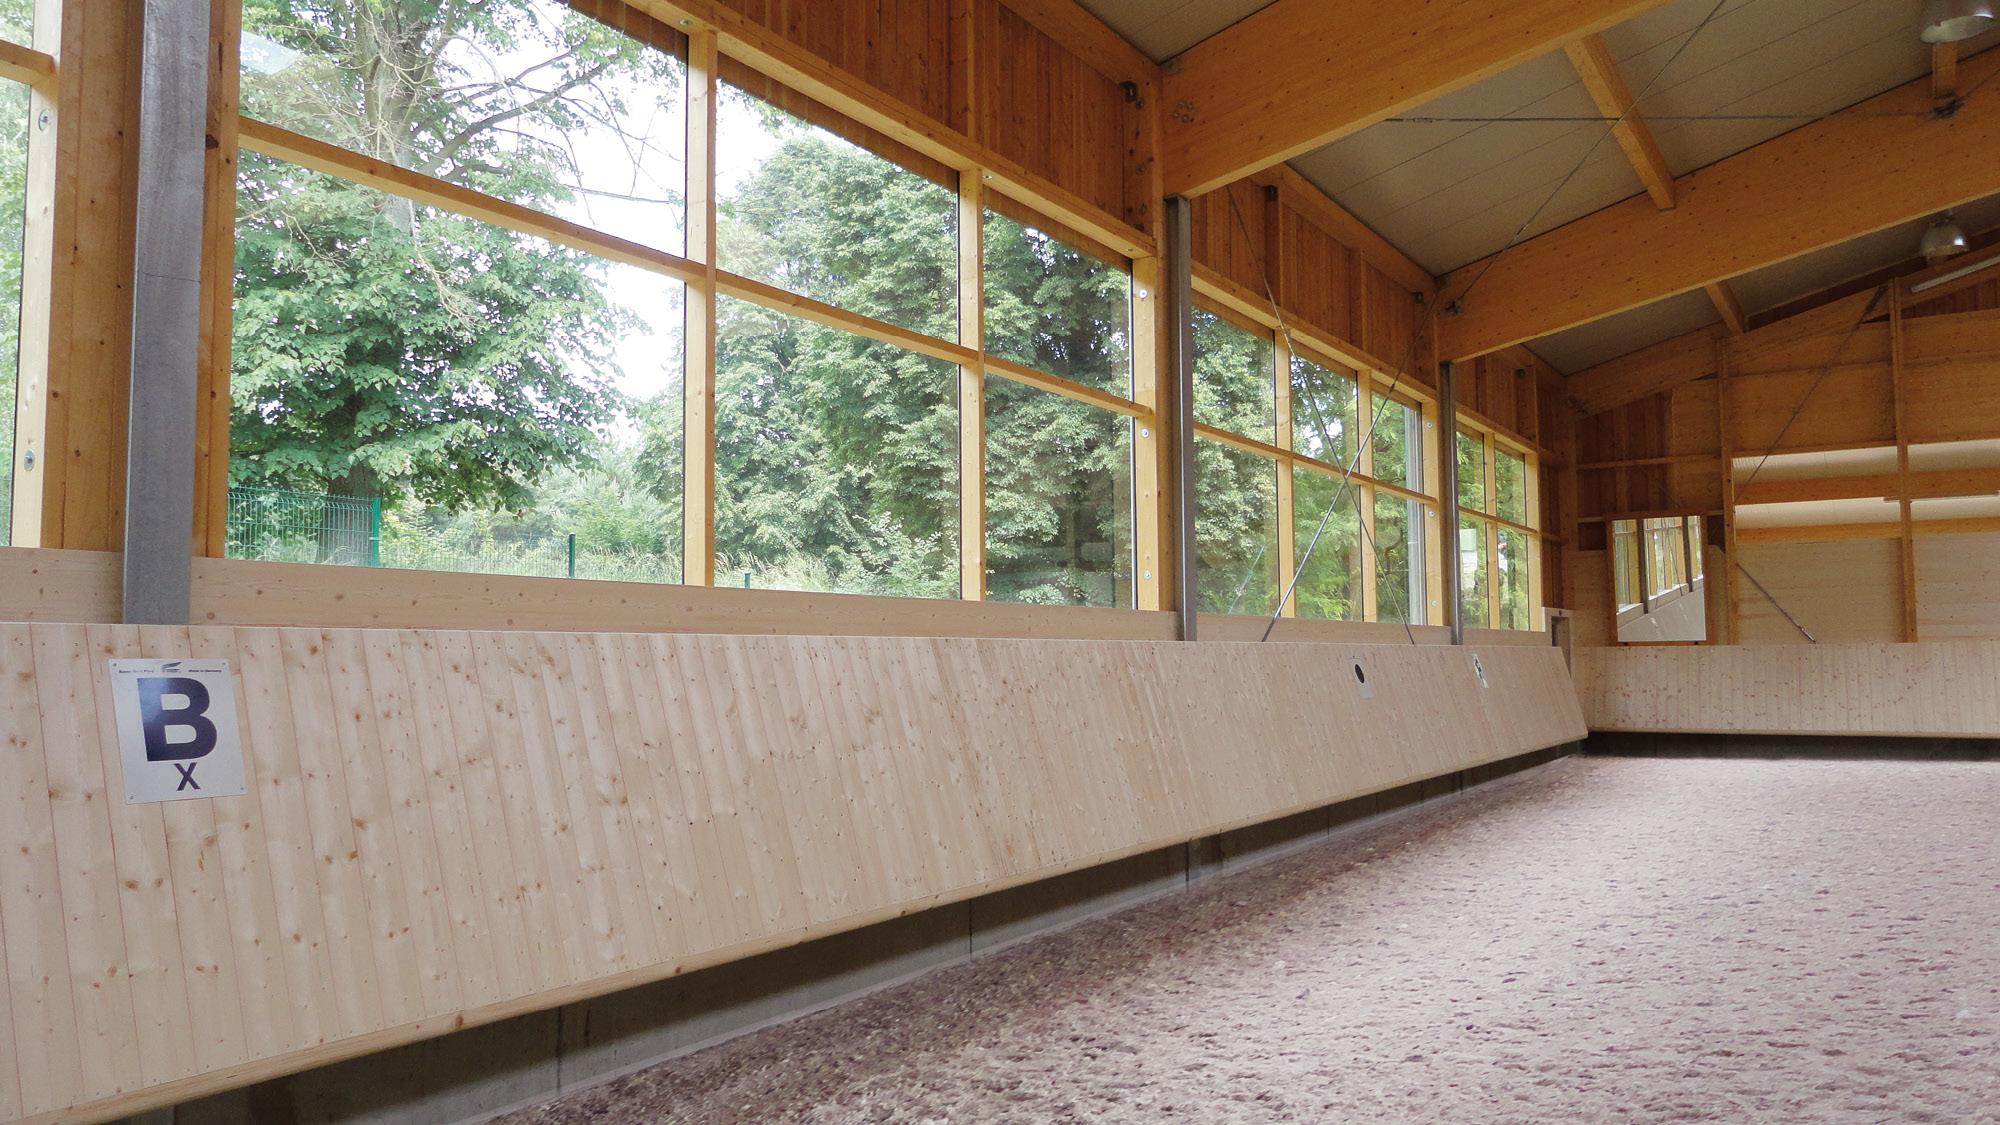 Kuzynin-Reitanlage-Choszczno-Polen-Reitanlage-2014-10